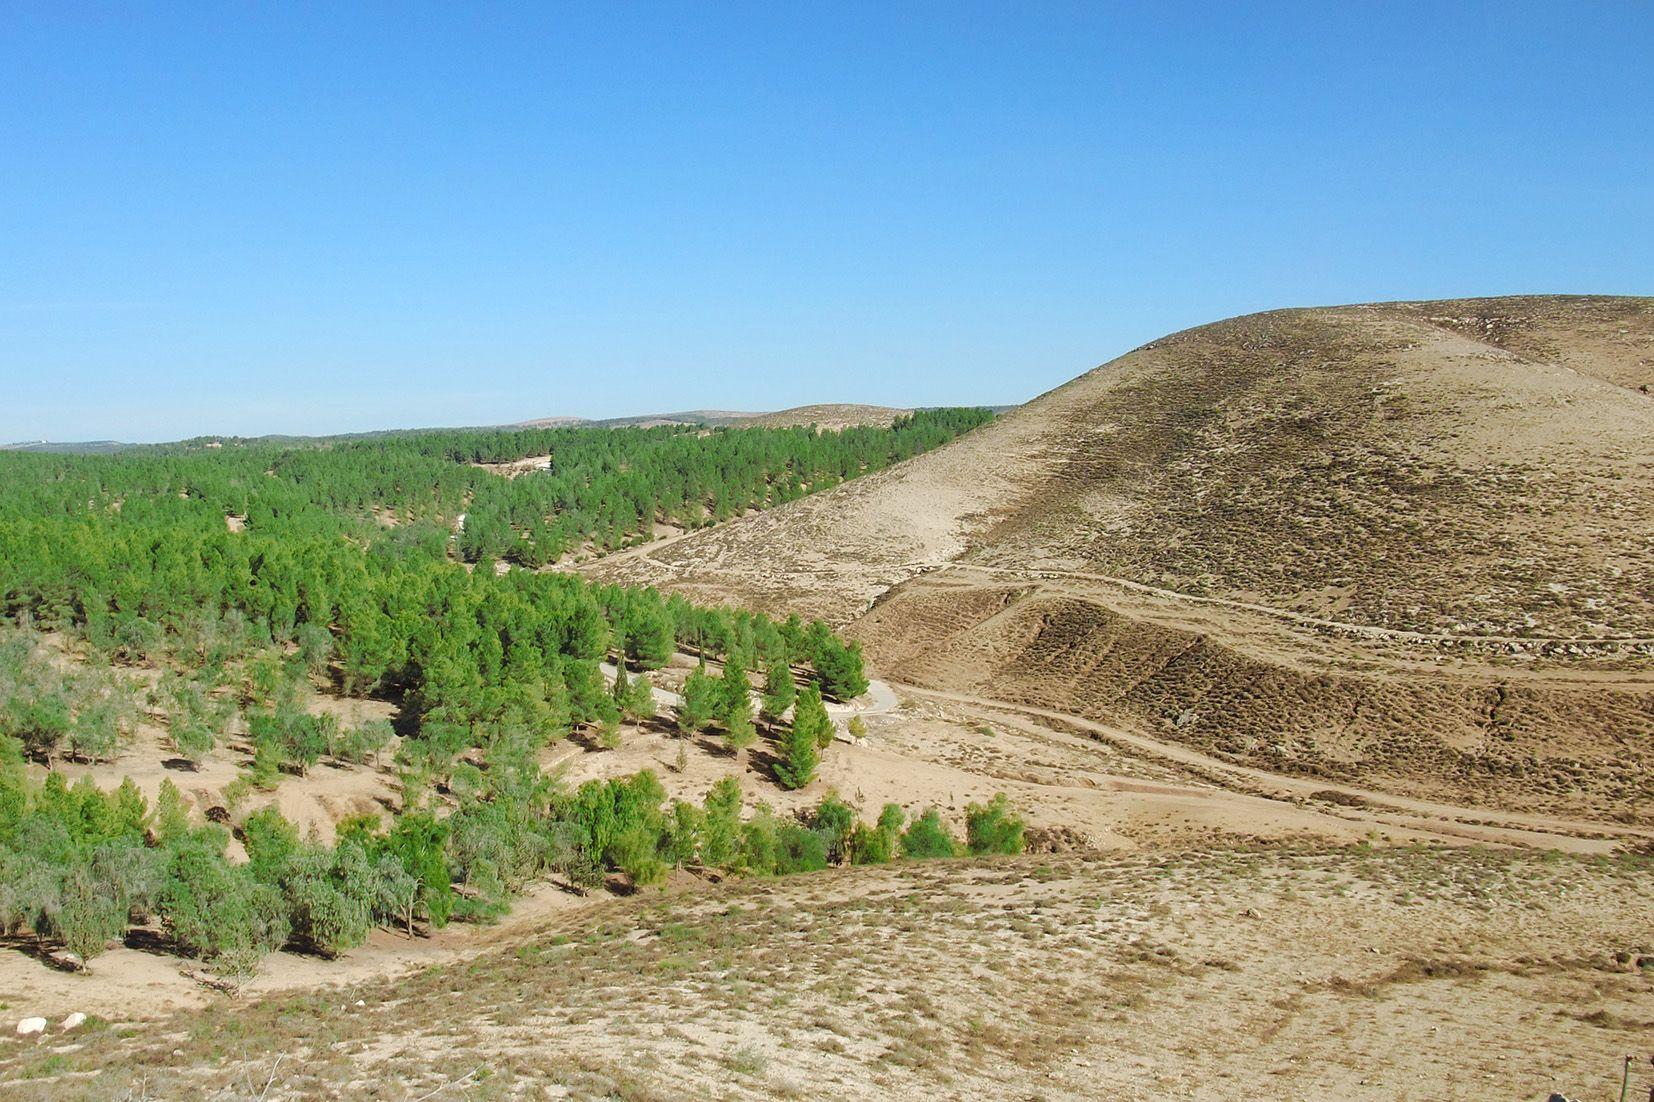 Mit unermüdlichem Einsatz: Wälder wachsen in der Wüste. Foto: JNF-KKL Archiv